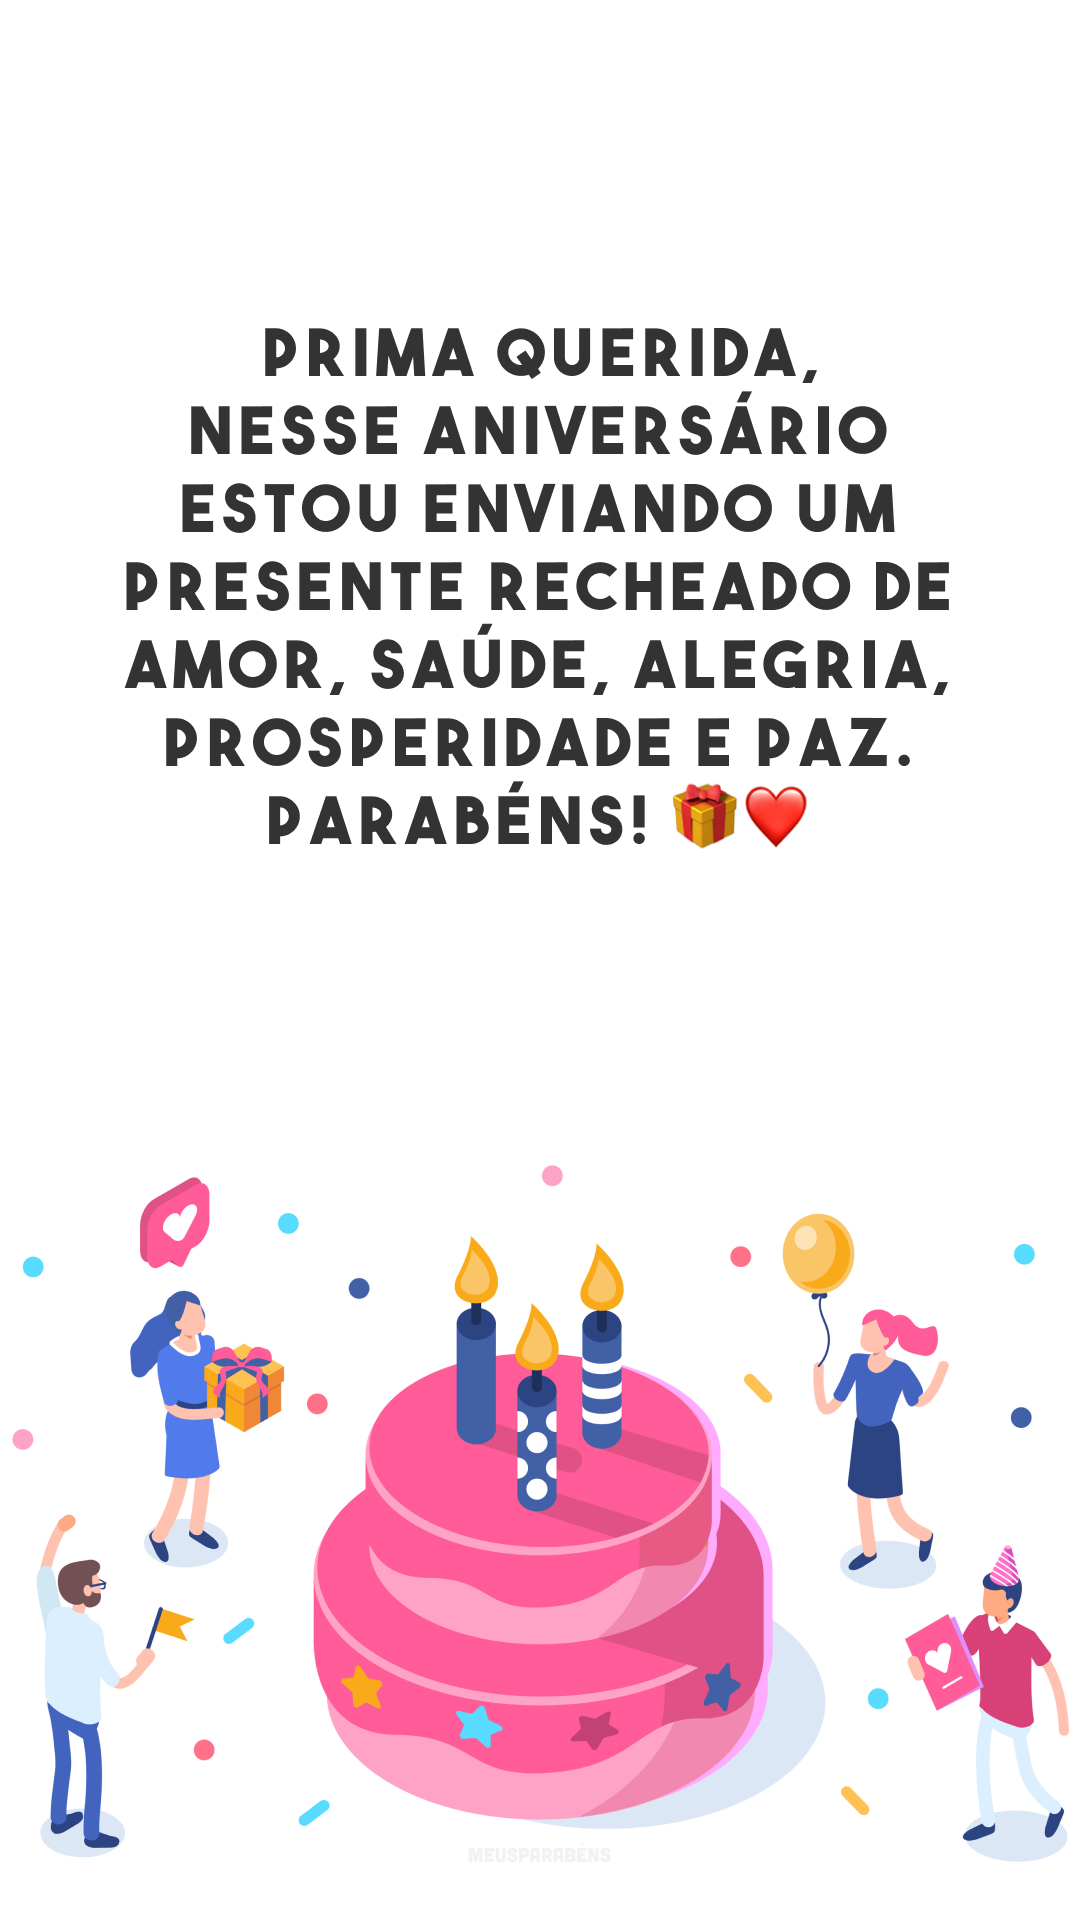 Prima querida, nesse aniversário estou enviando um presente recheado de amor, saúde, alegria, prosperidade e paz. Parabéns! 🎁❤️